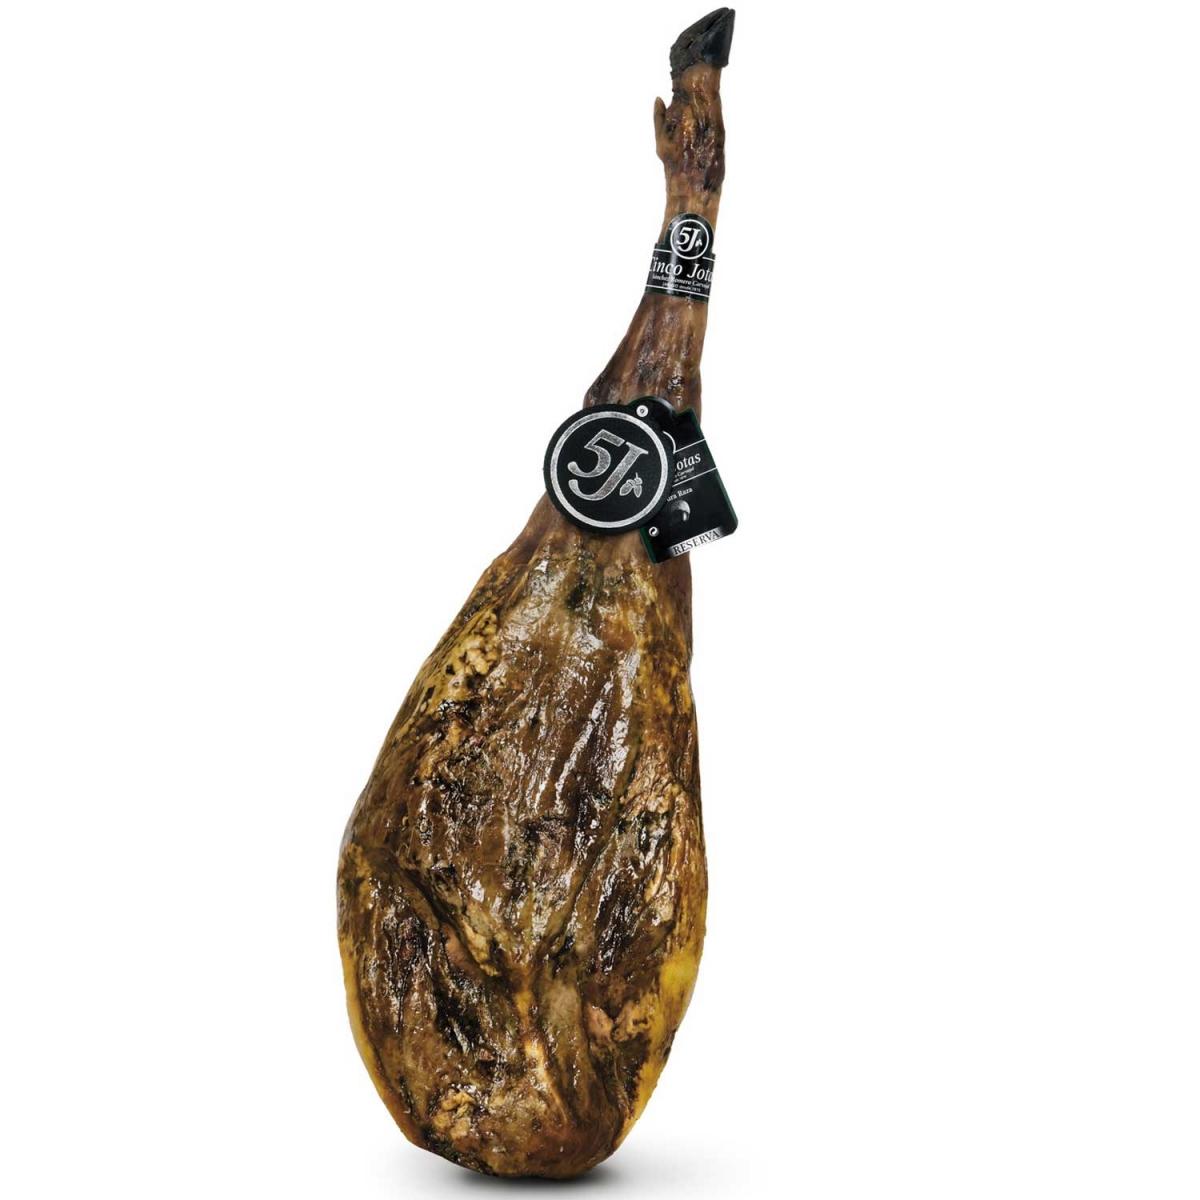 """Хамон Иберико Бейота """"5J"""" (Синко Хотас) 8 кг., 36 + мес."""